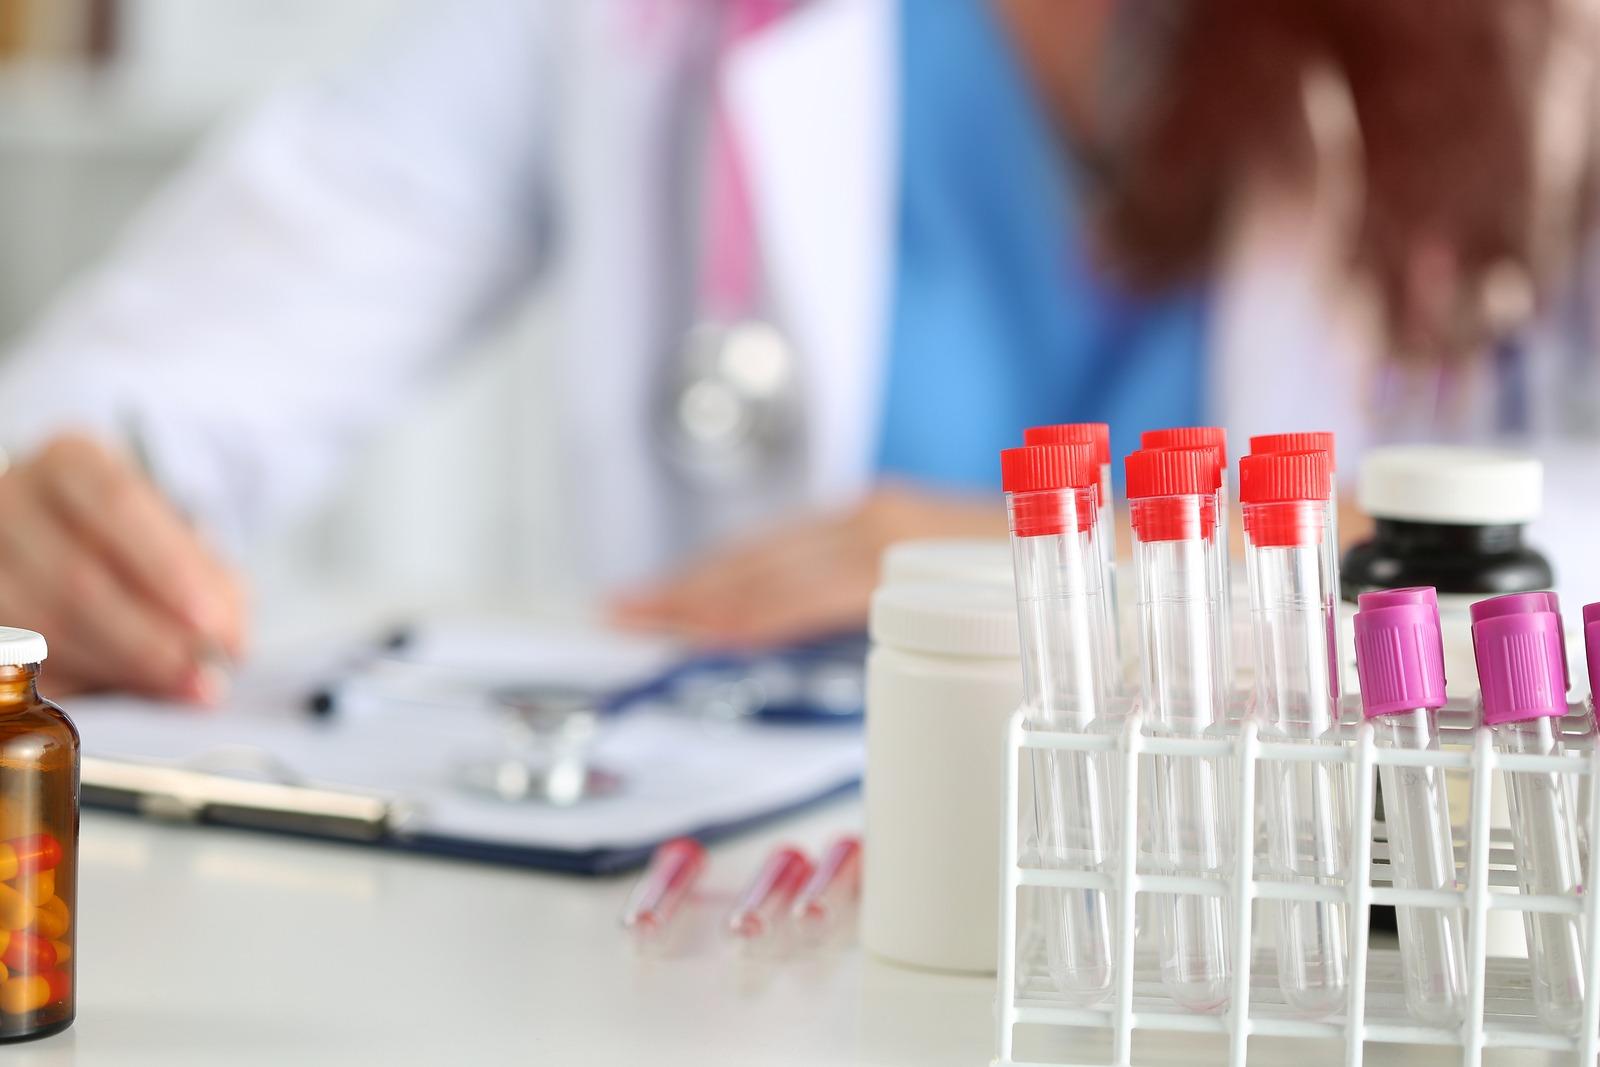 Kimlik Bilgilerinizi Vermeden HIV Testi Yaptırabileceğiniz Merkezler Var